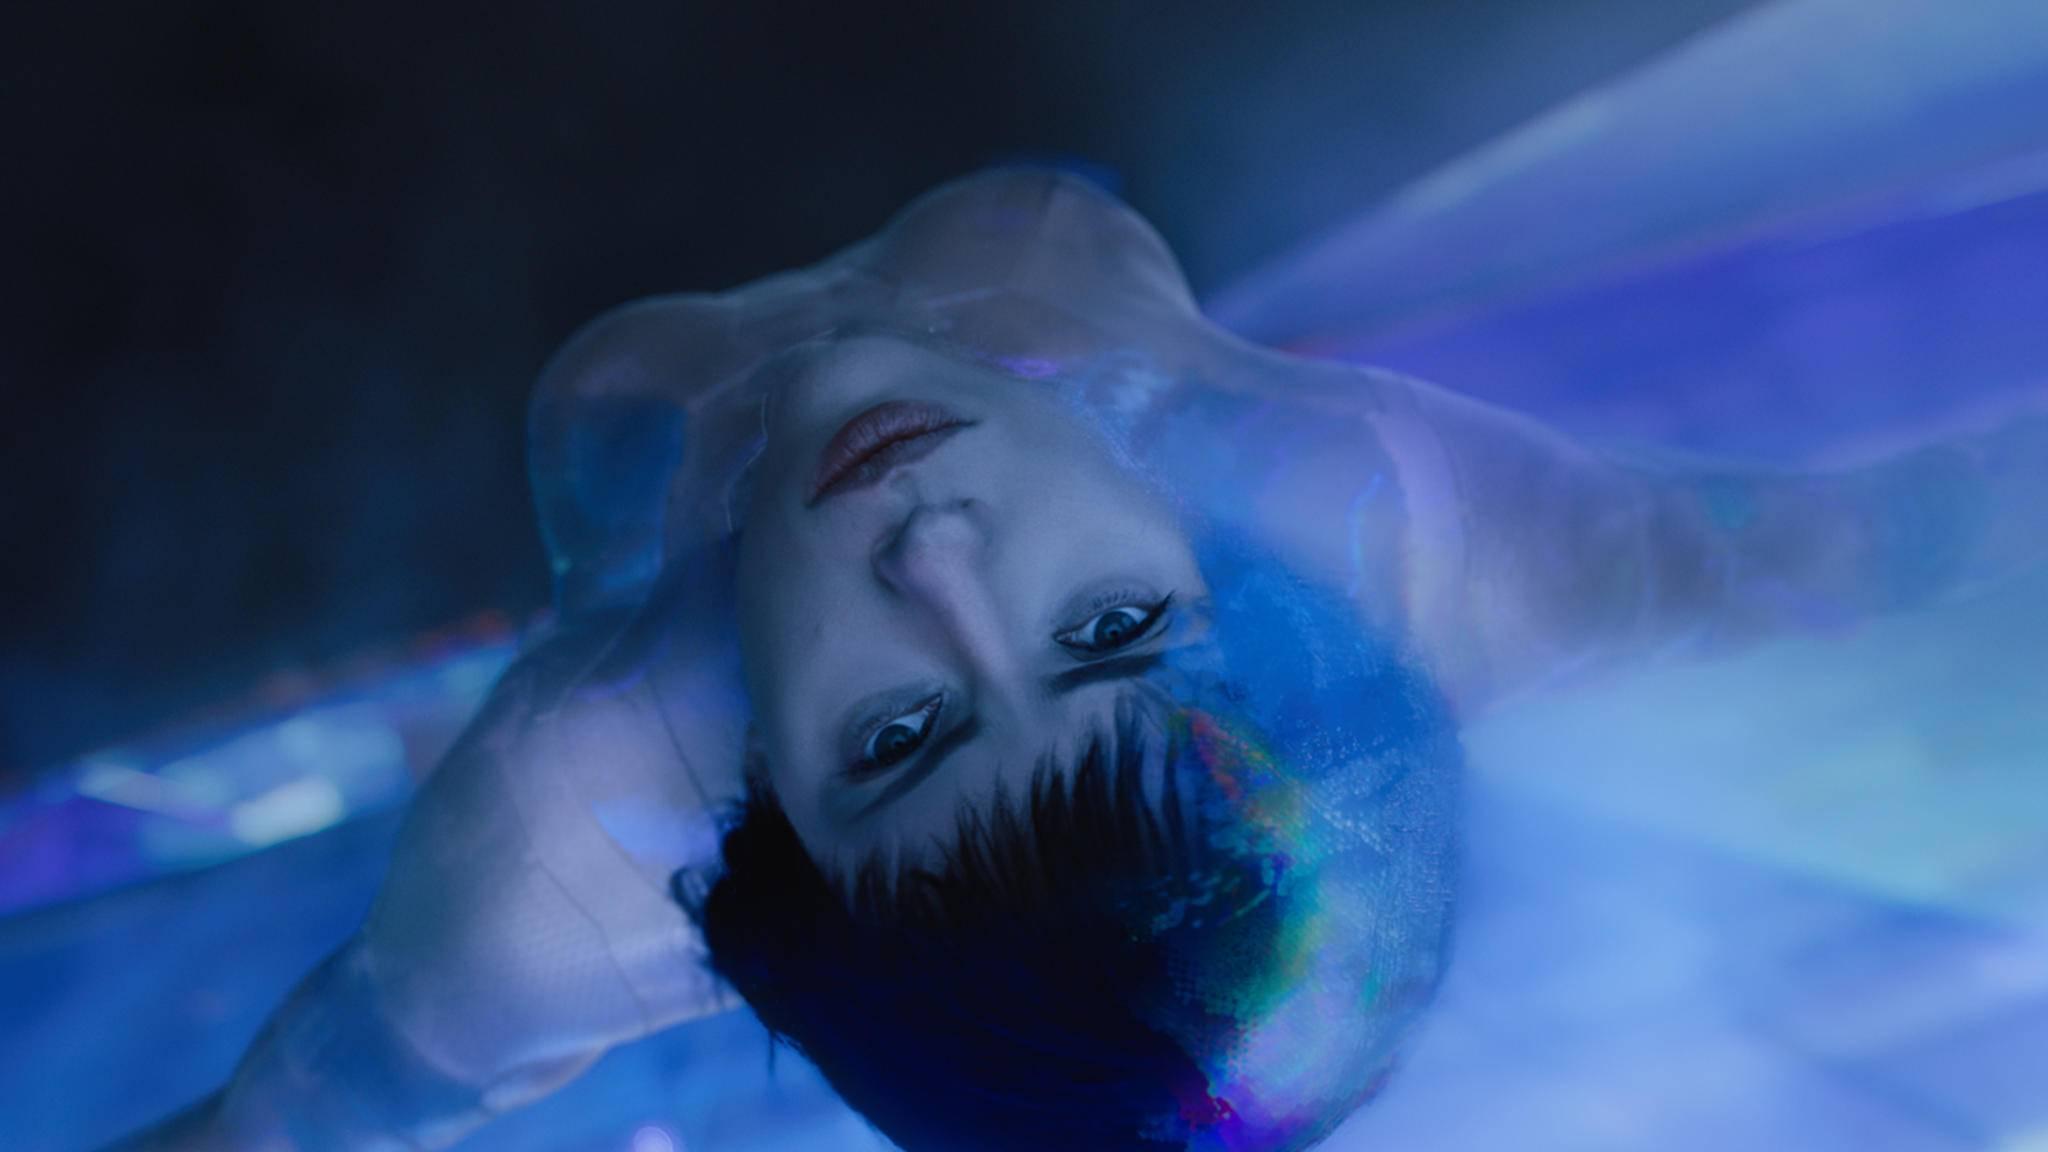 Das Casting von Scarlett Johansson als Motoko Kusanagi sorgt unter Fans für heftige Debatten.